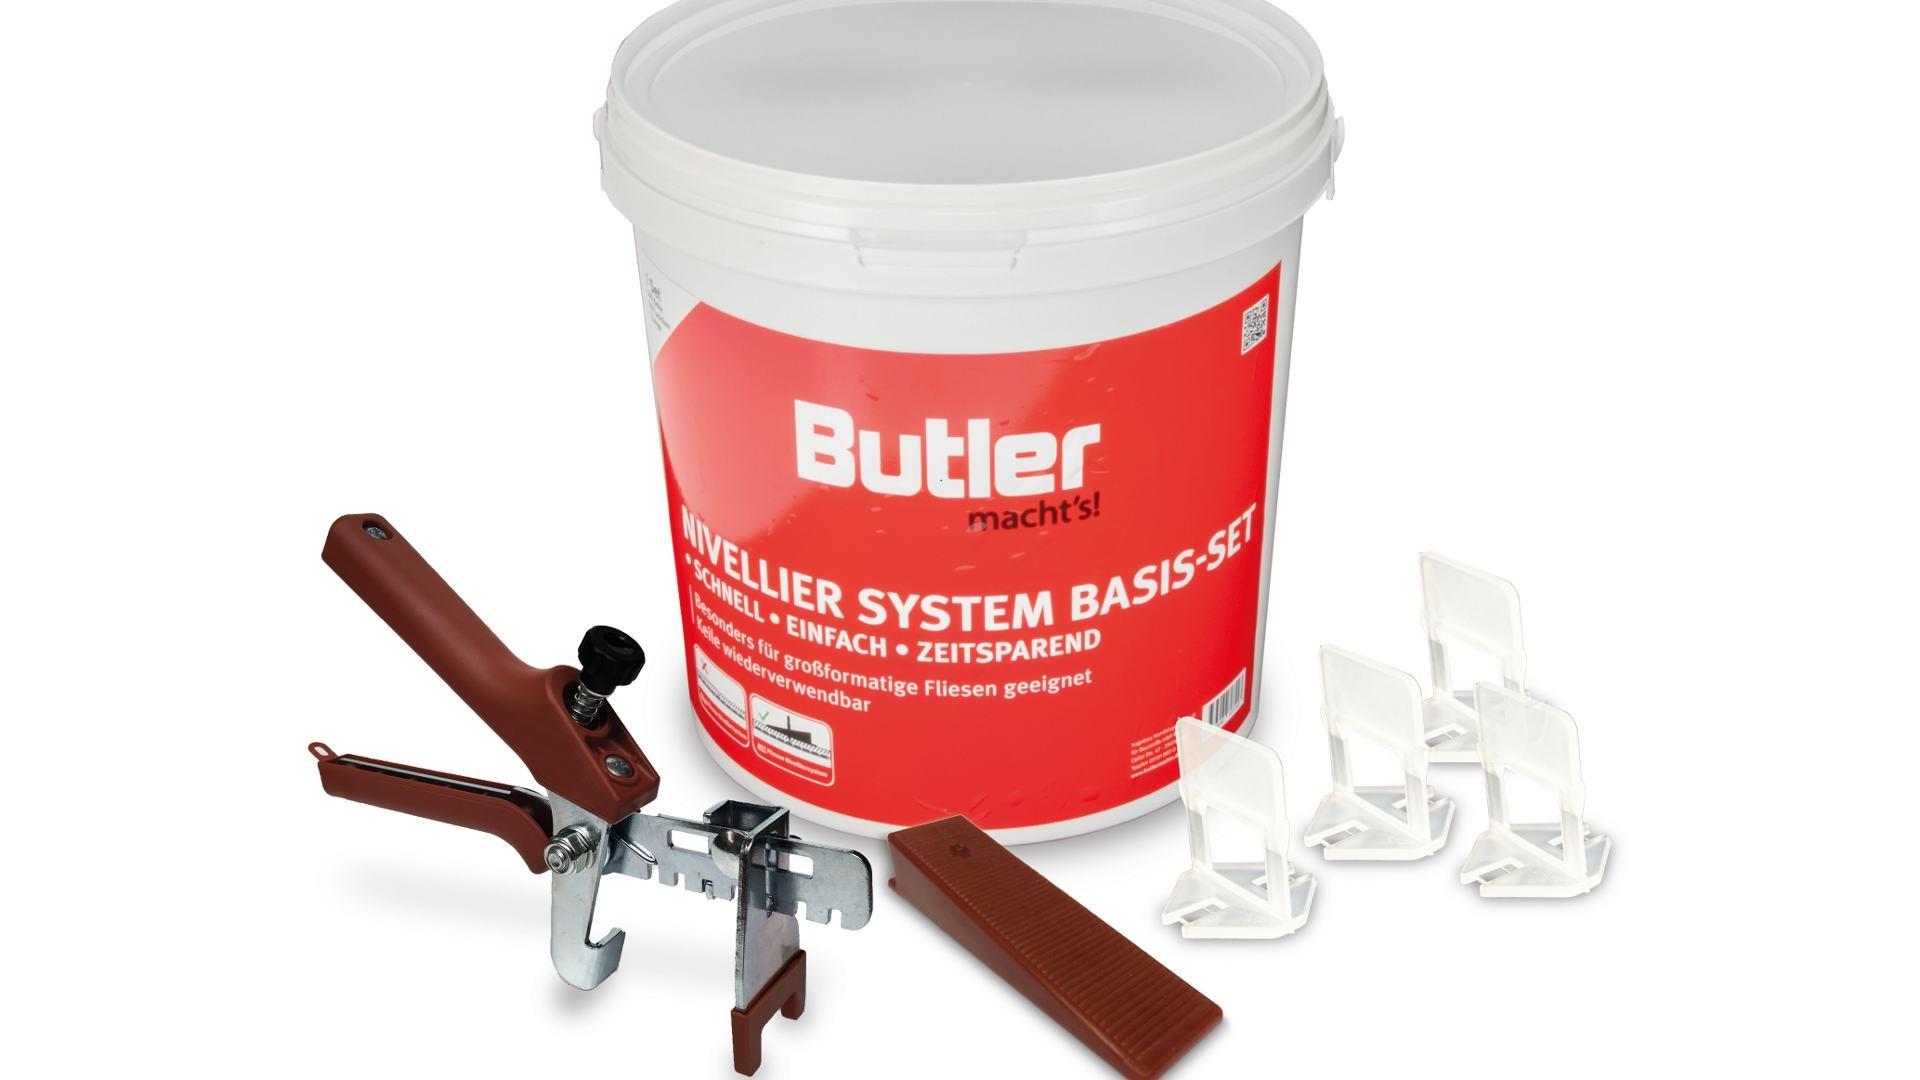 Das FLIESEN NIVELLIER SYSTEM von Butler macht's!